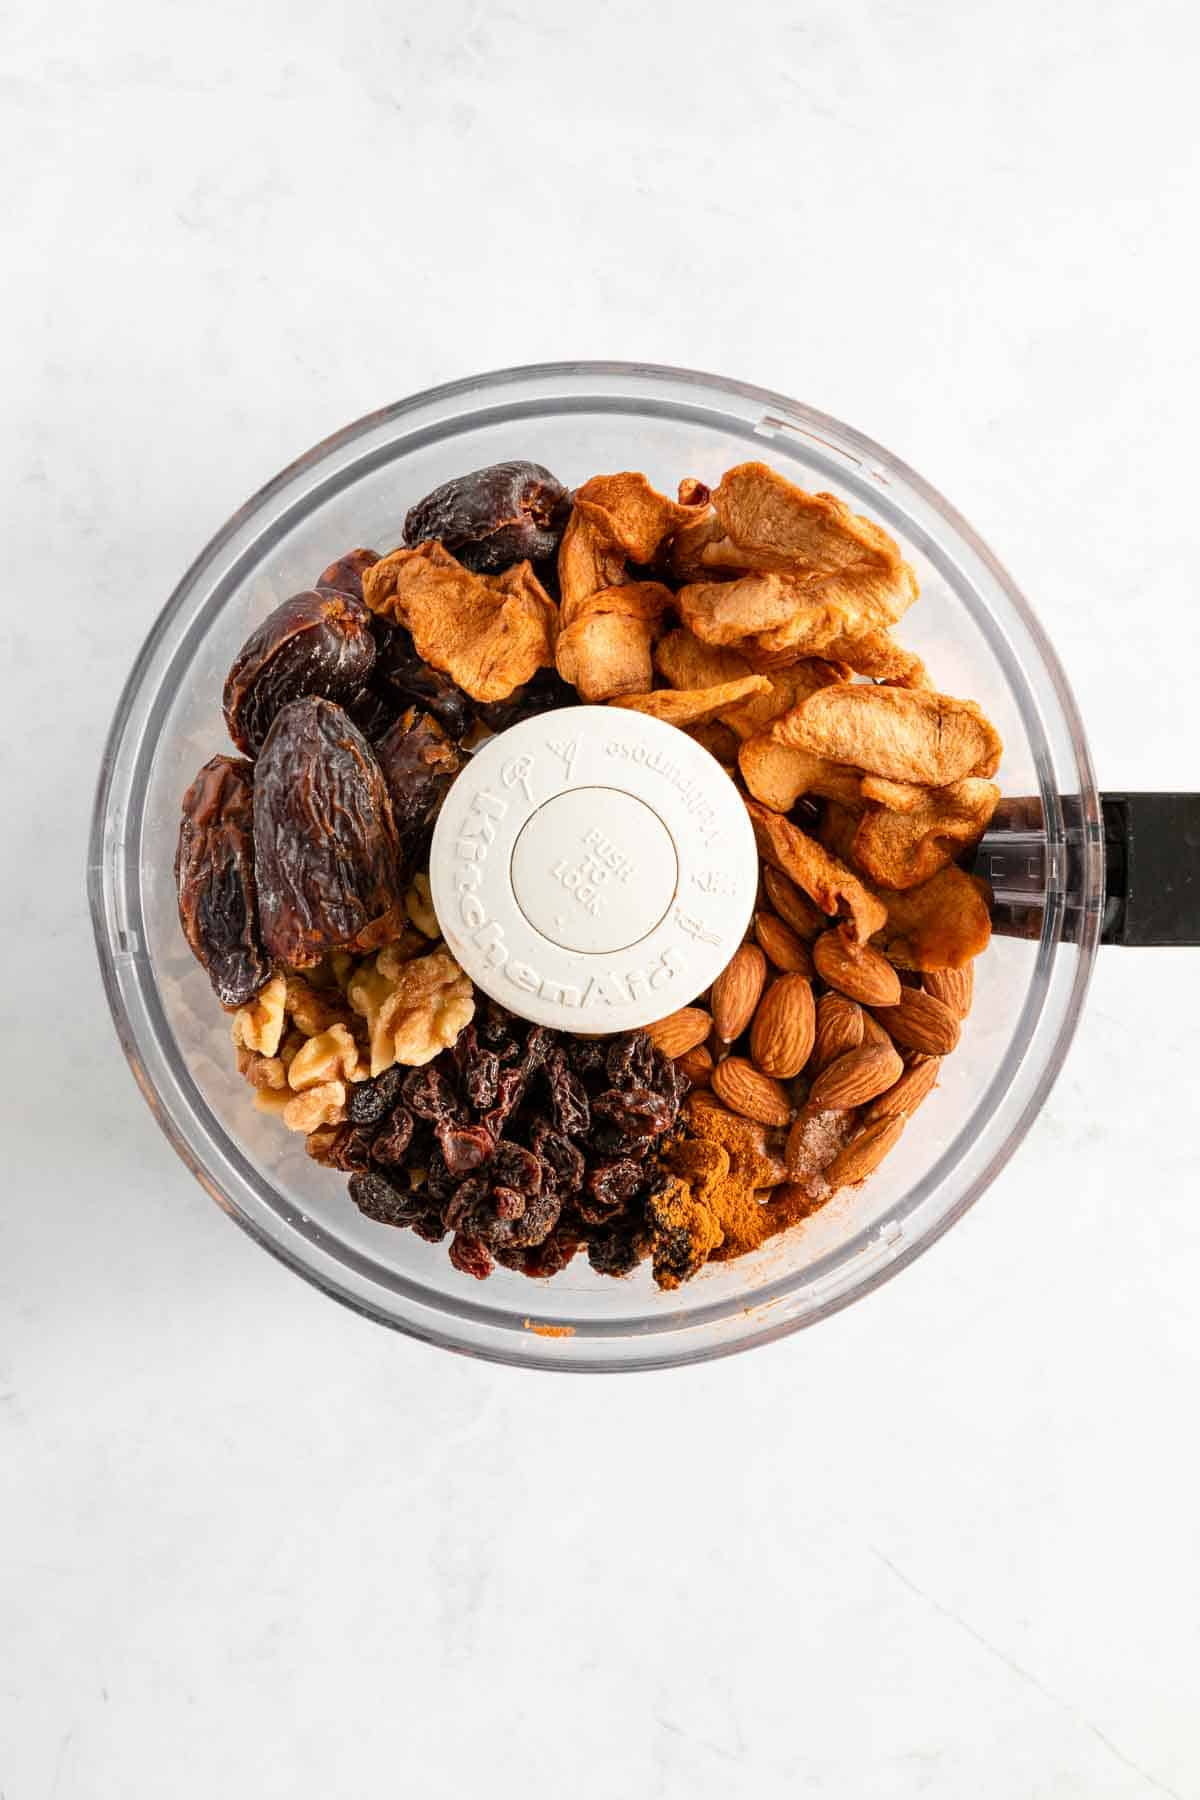 medjool dates, almonds, walnuts, dried apples, and raisins inside a food processor bowl